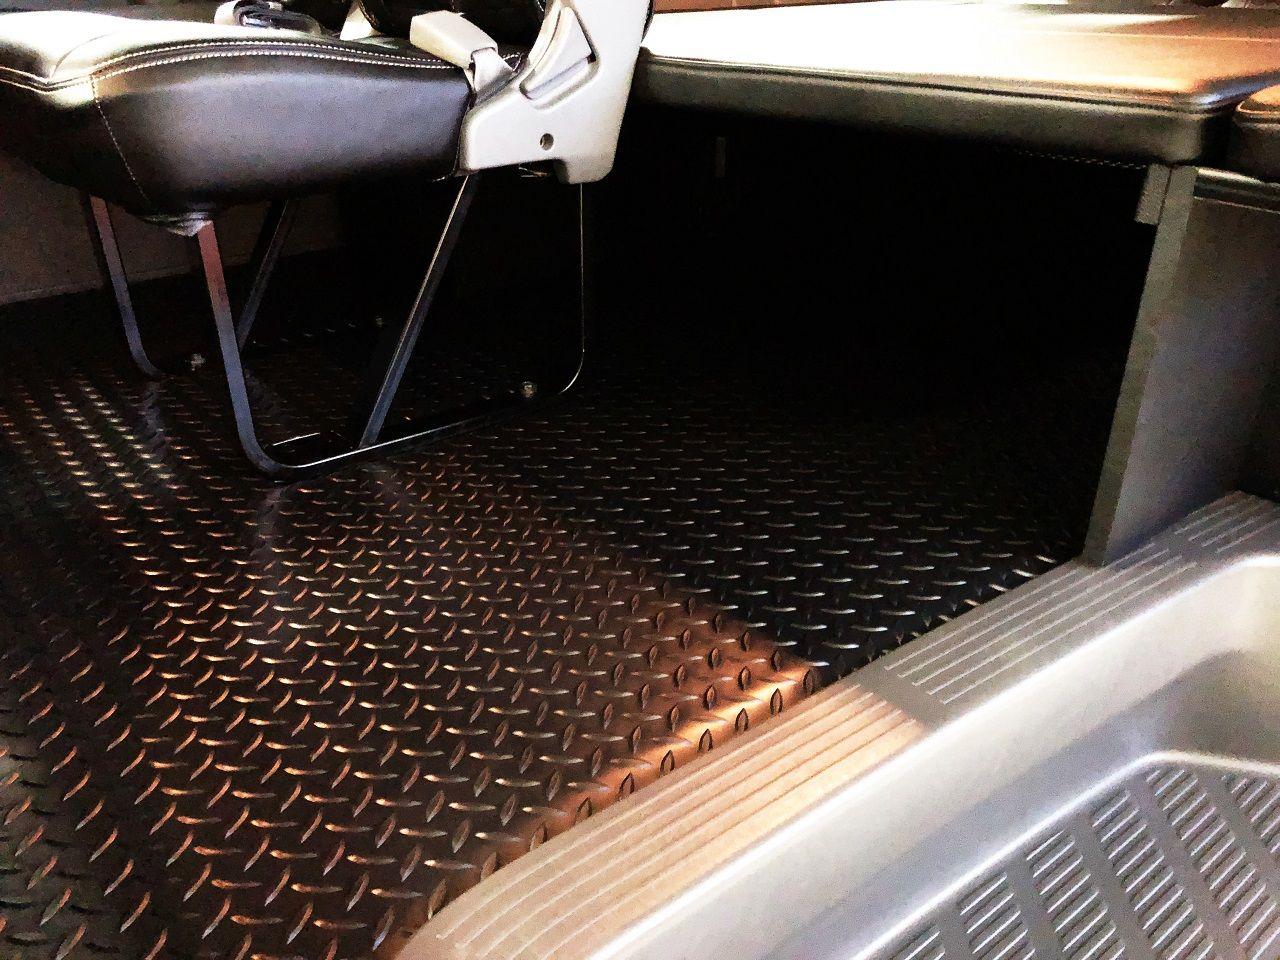 LINES:床貼りキット【PRO/ダイヤモンドブラック】 ハイエース, ルーフ, ドアハンドル